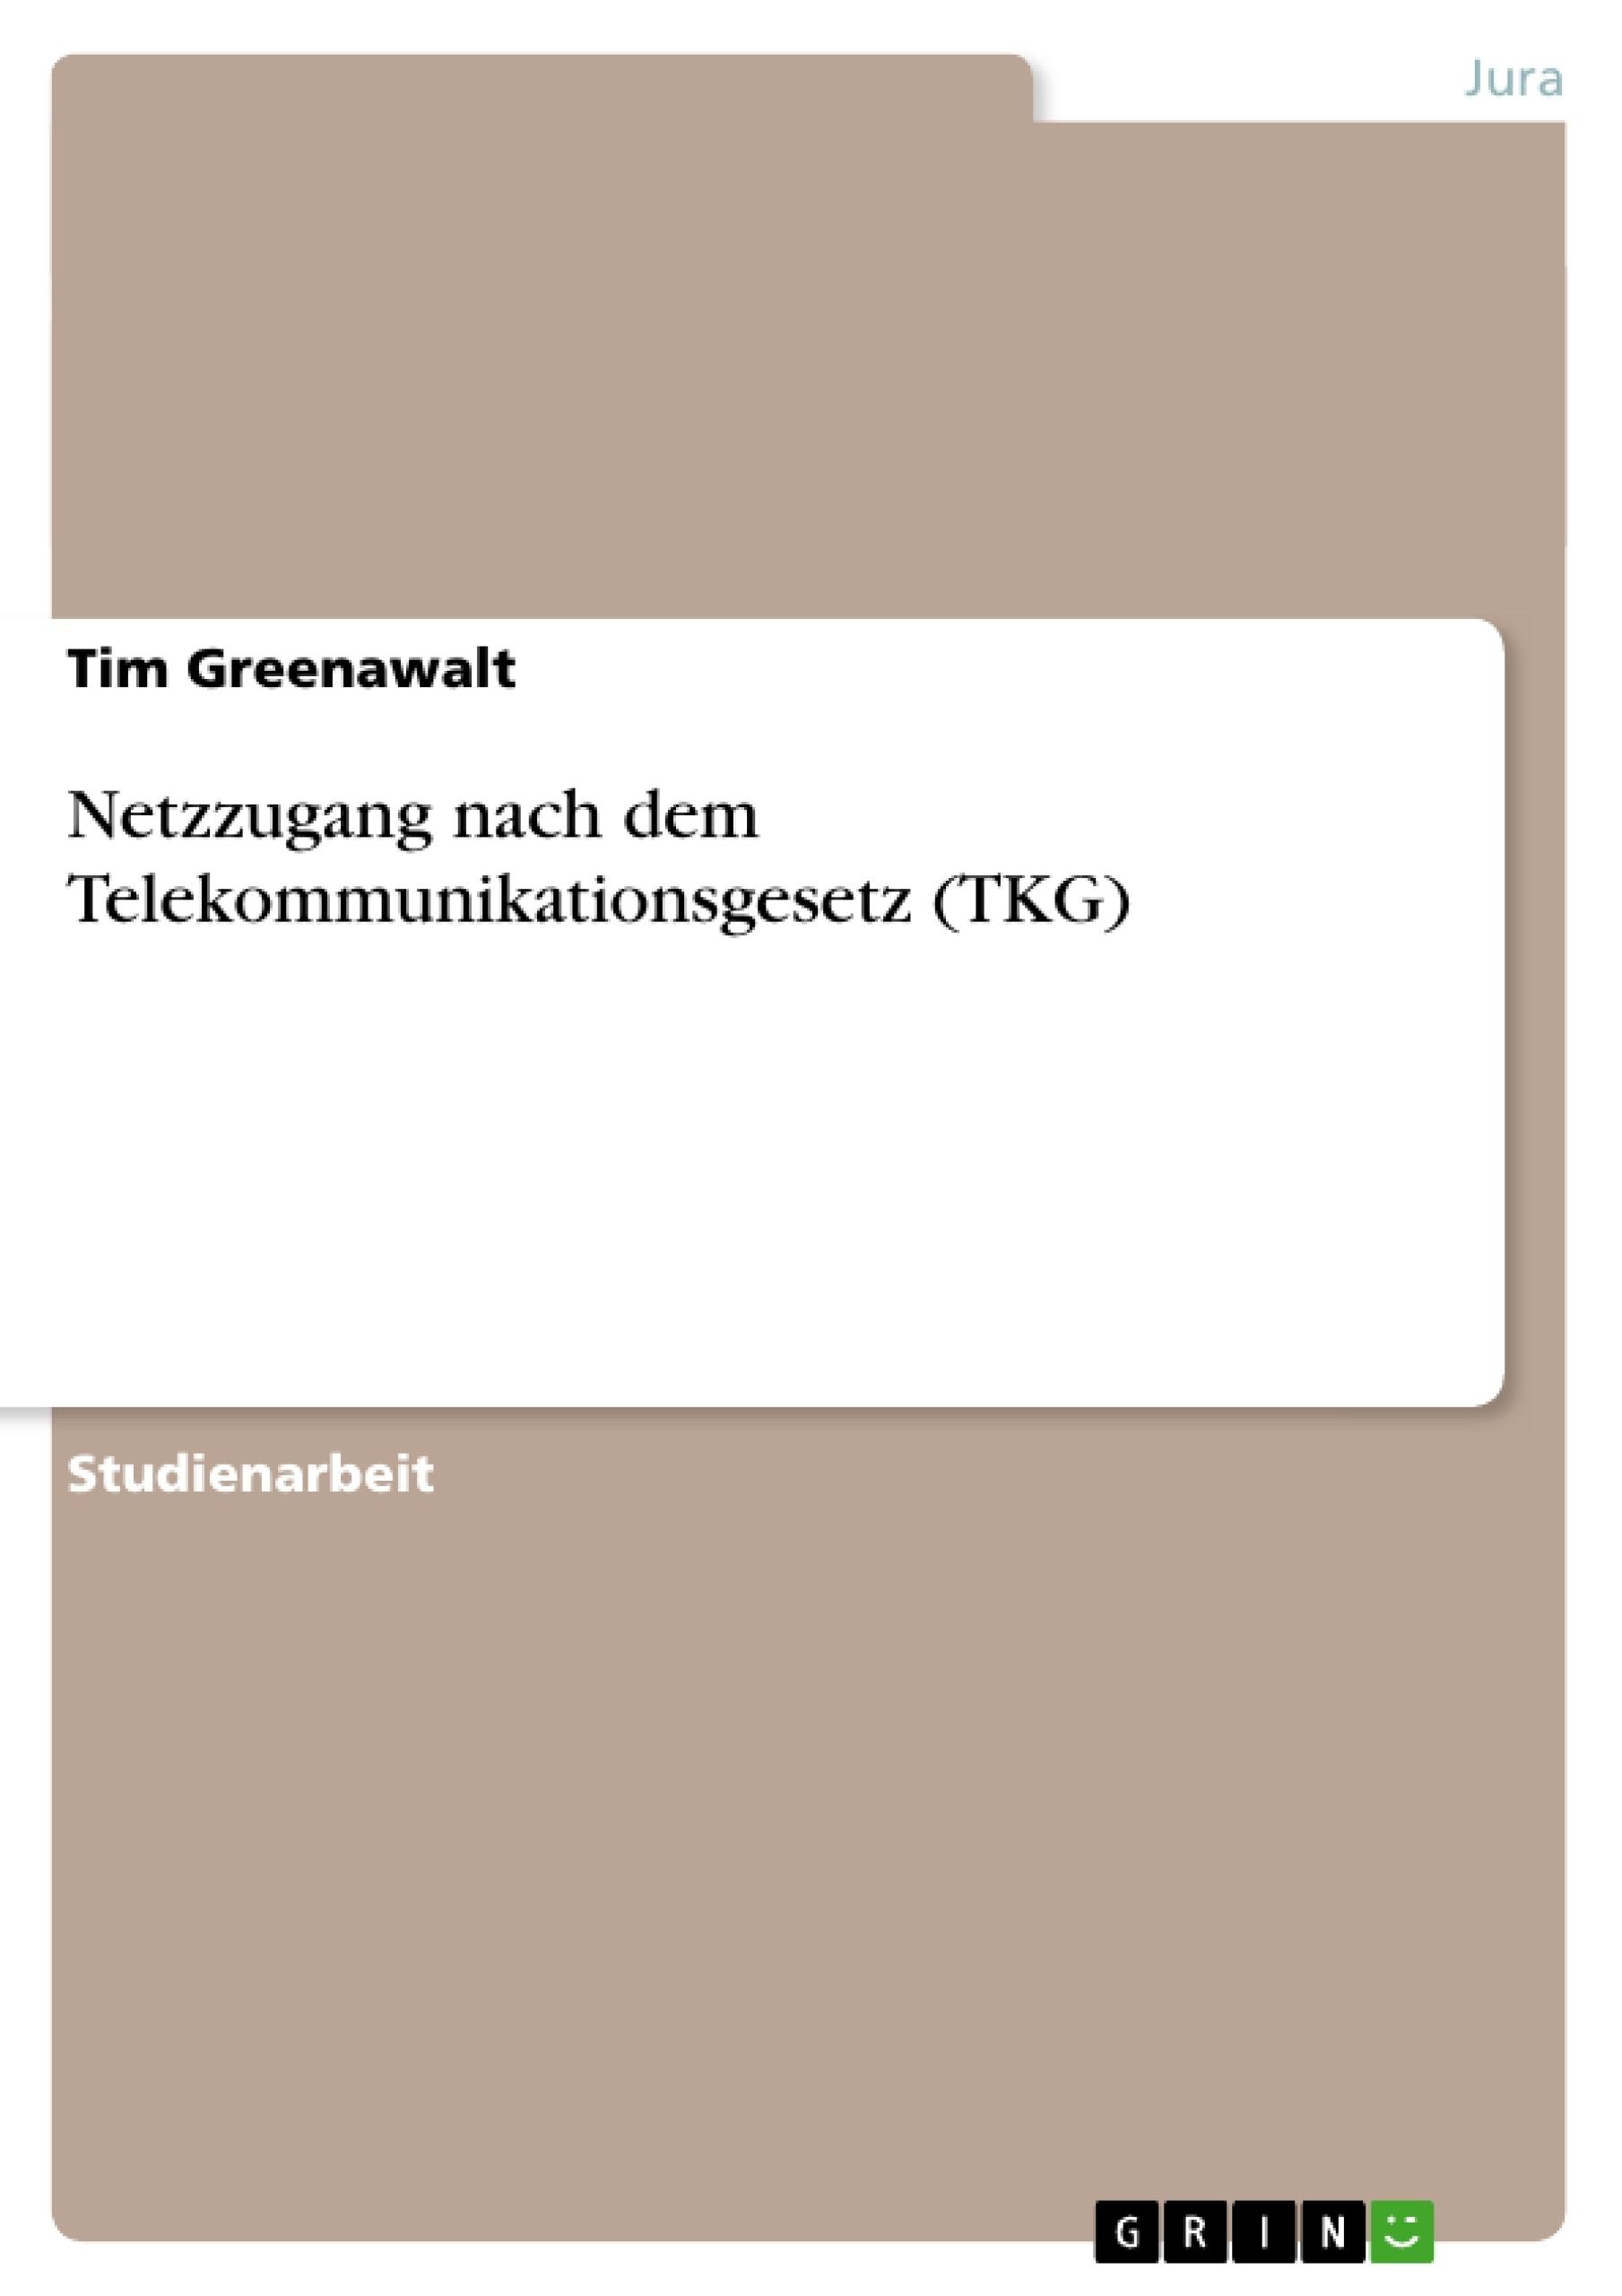 Titel: Netzzugang nach dem Telekommunikationsgesetz (TKG)